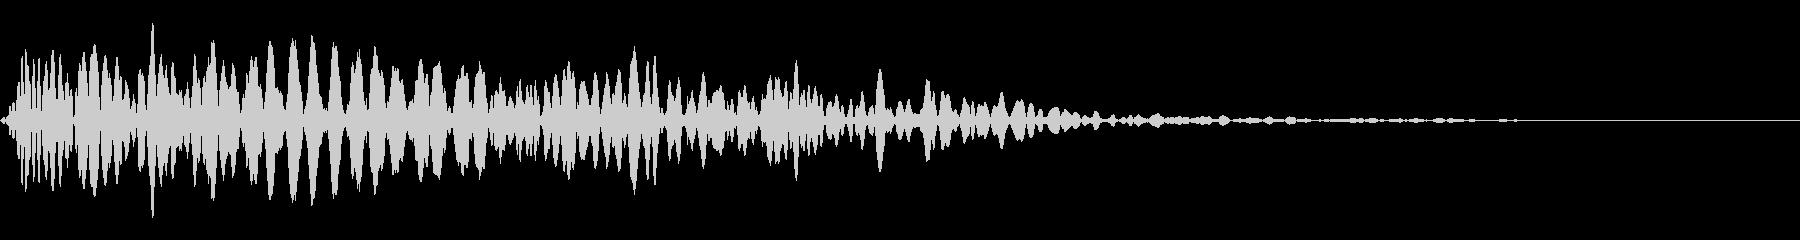 重い足音の未再生の波形